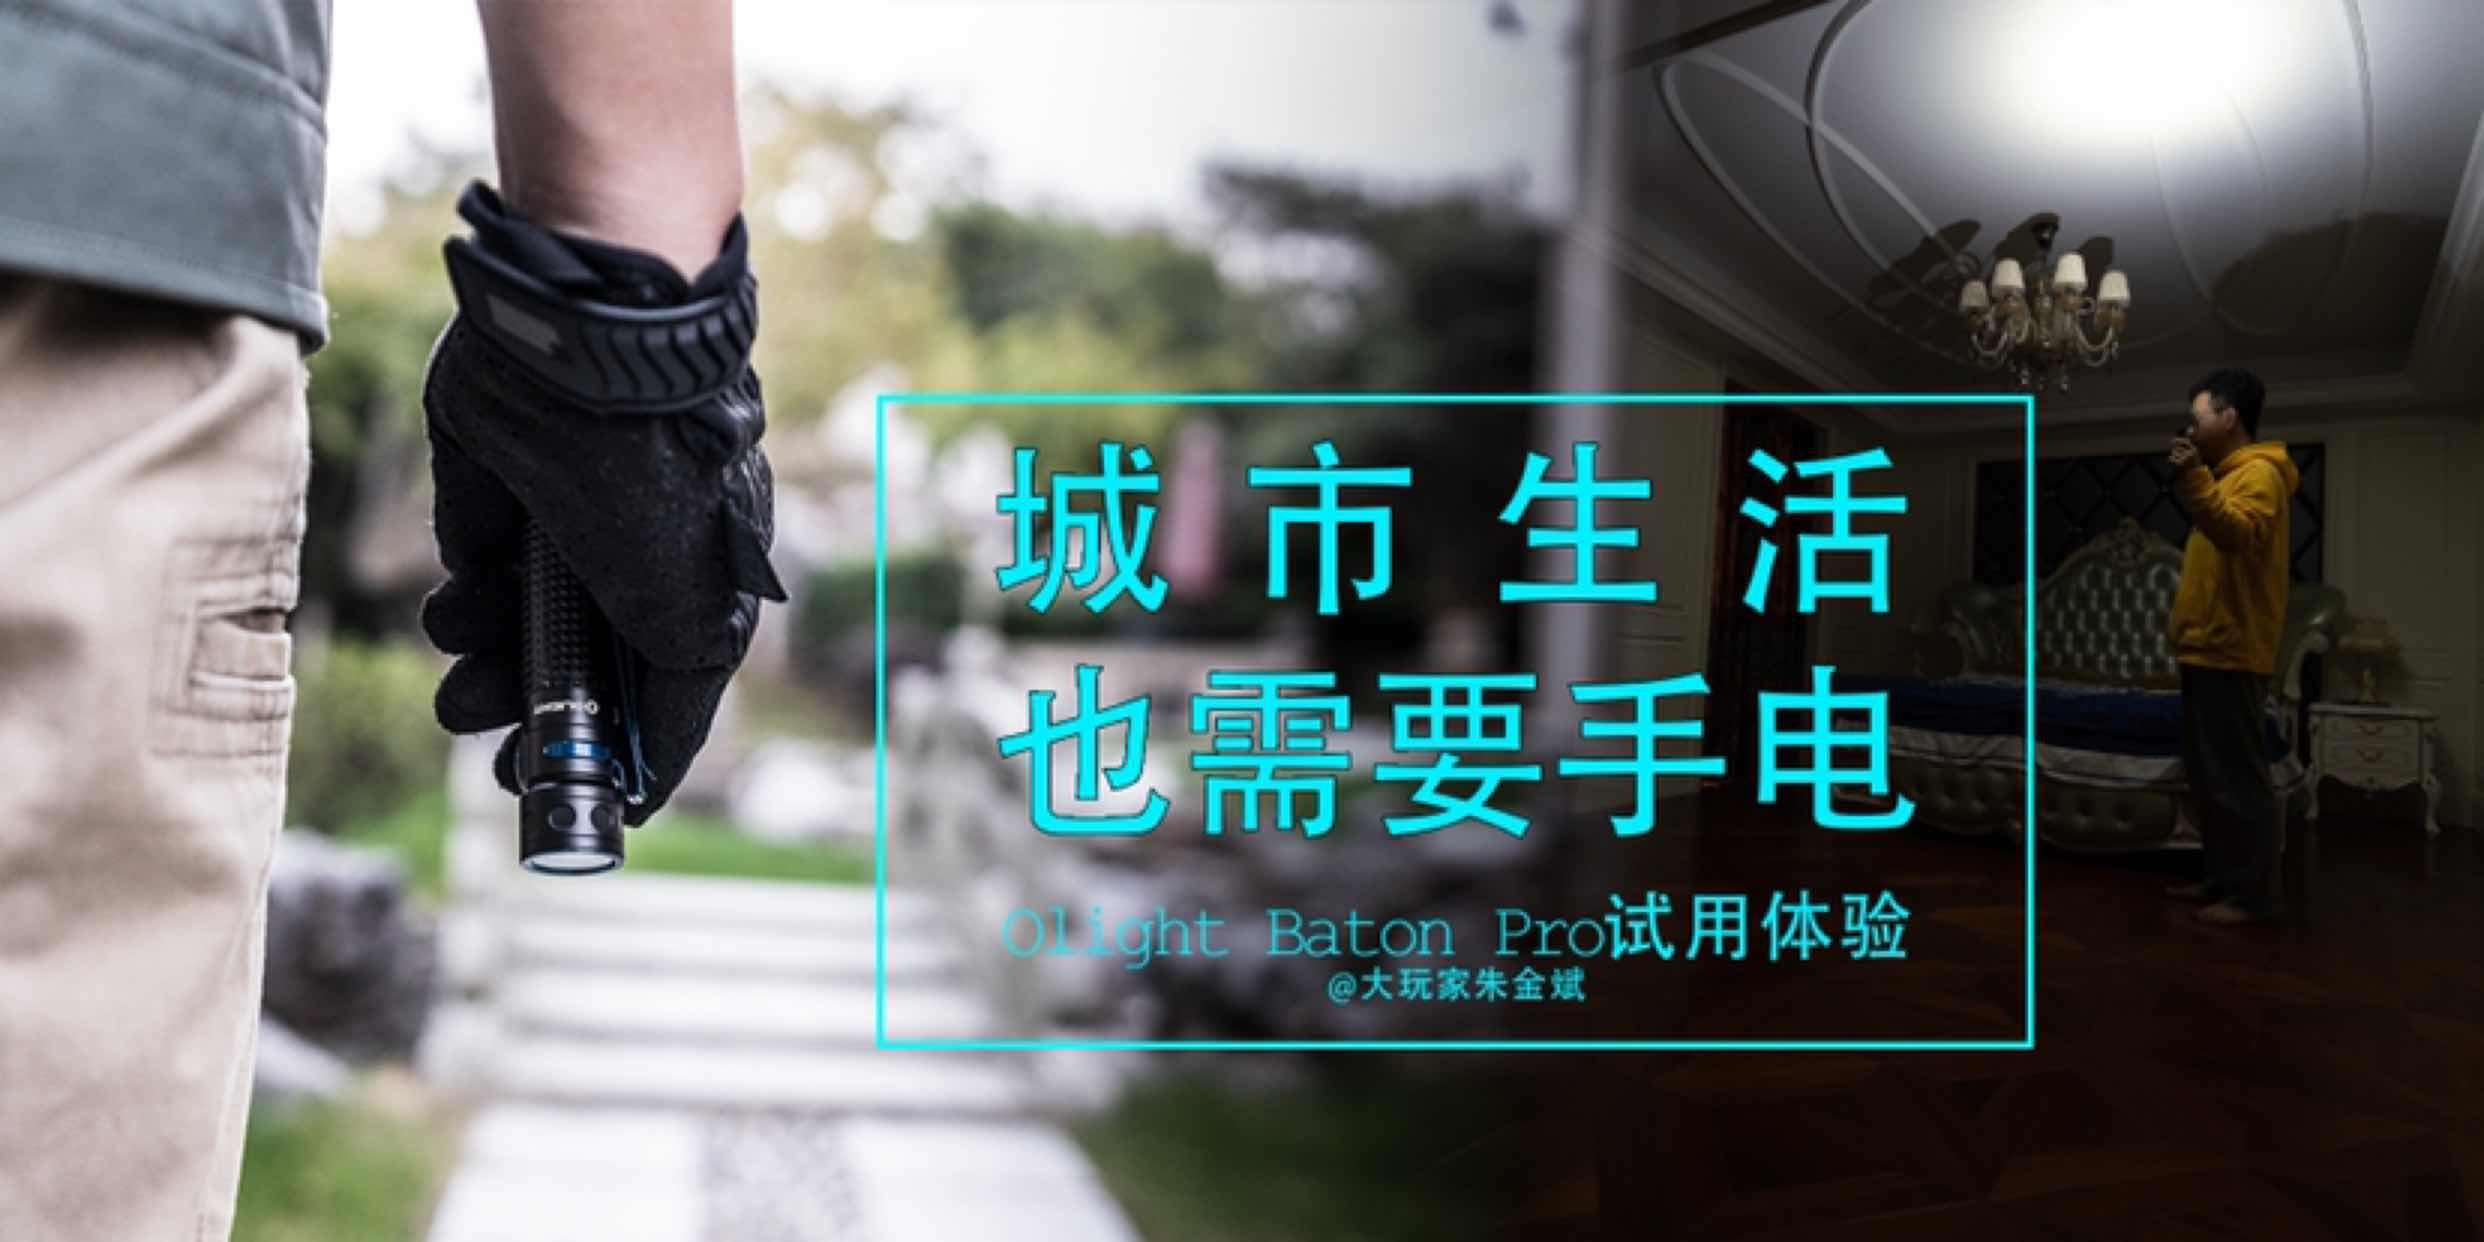 城市生活也需要手电——Olight Baton Pro试用 @大玩家朱金斌